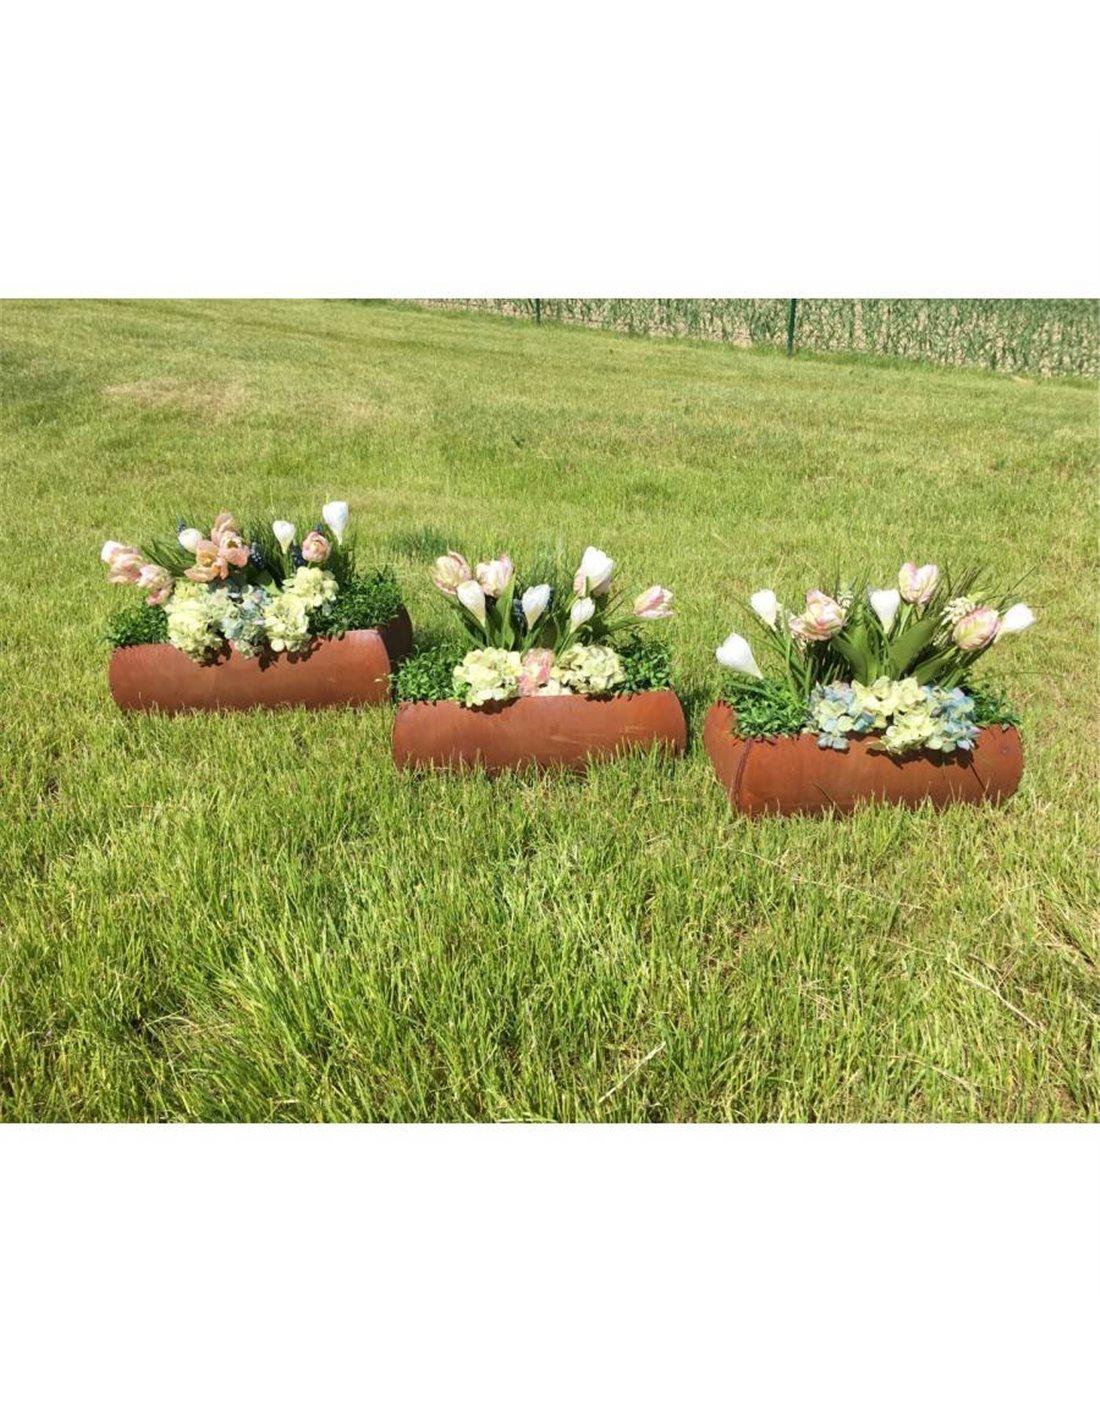 Edelrost Blumenkasten zum Aufhängen, z.b. an Zäune oder ...